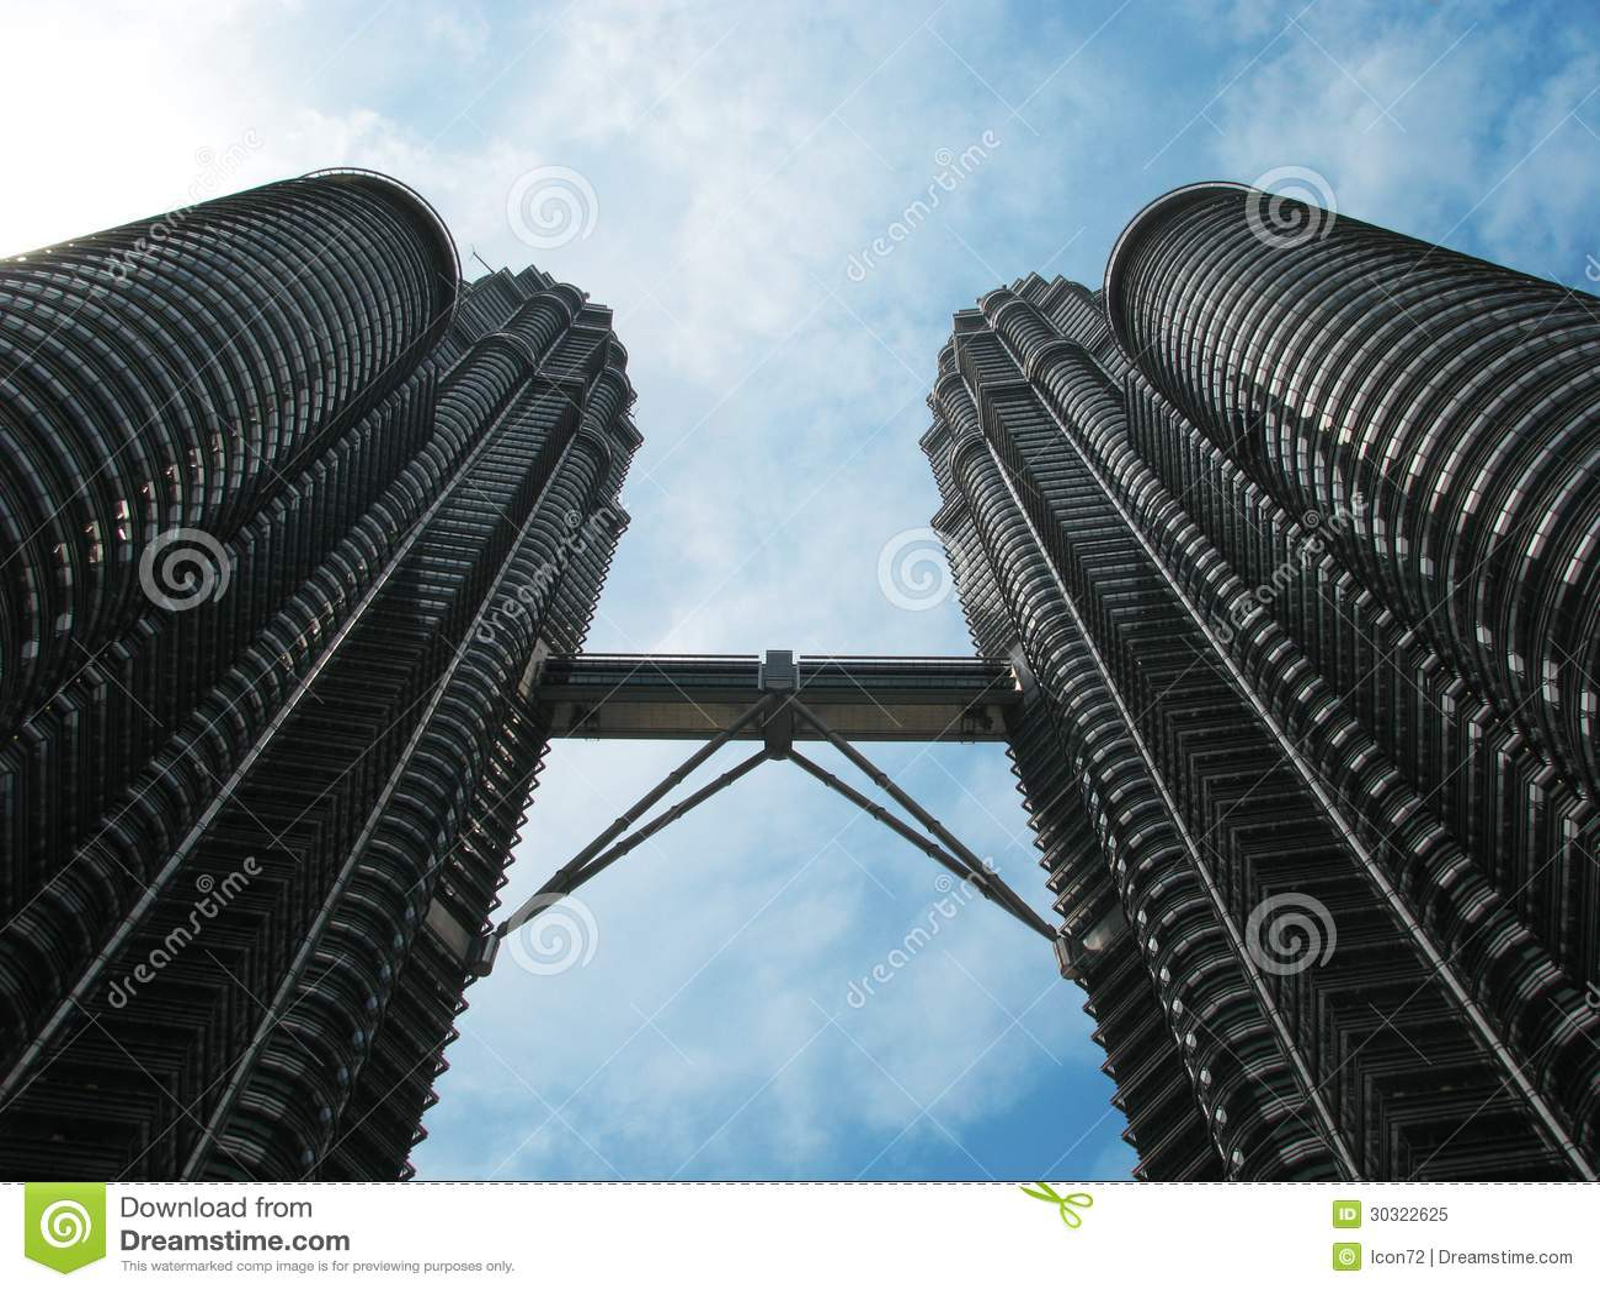 Tours jumelles de petronas architecture c l bre de kuala for Architecture celebre